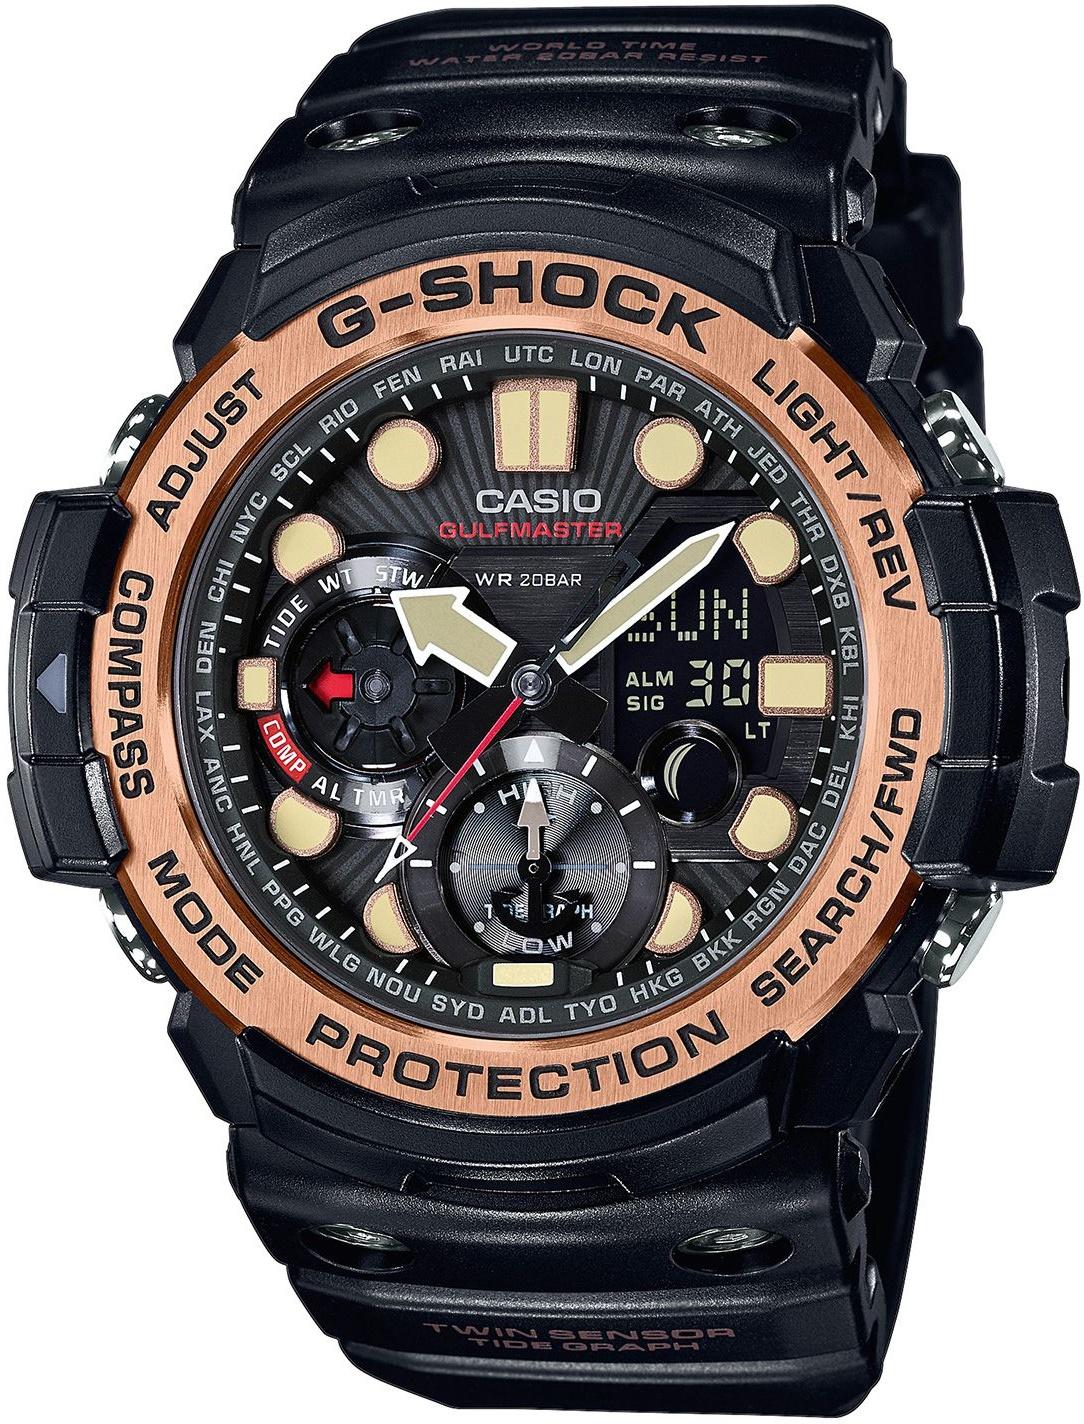 лучшим вариантом проверка часов g shock на оригинальность это цветочный